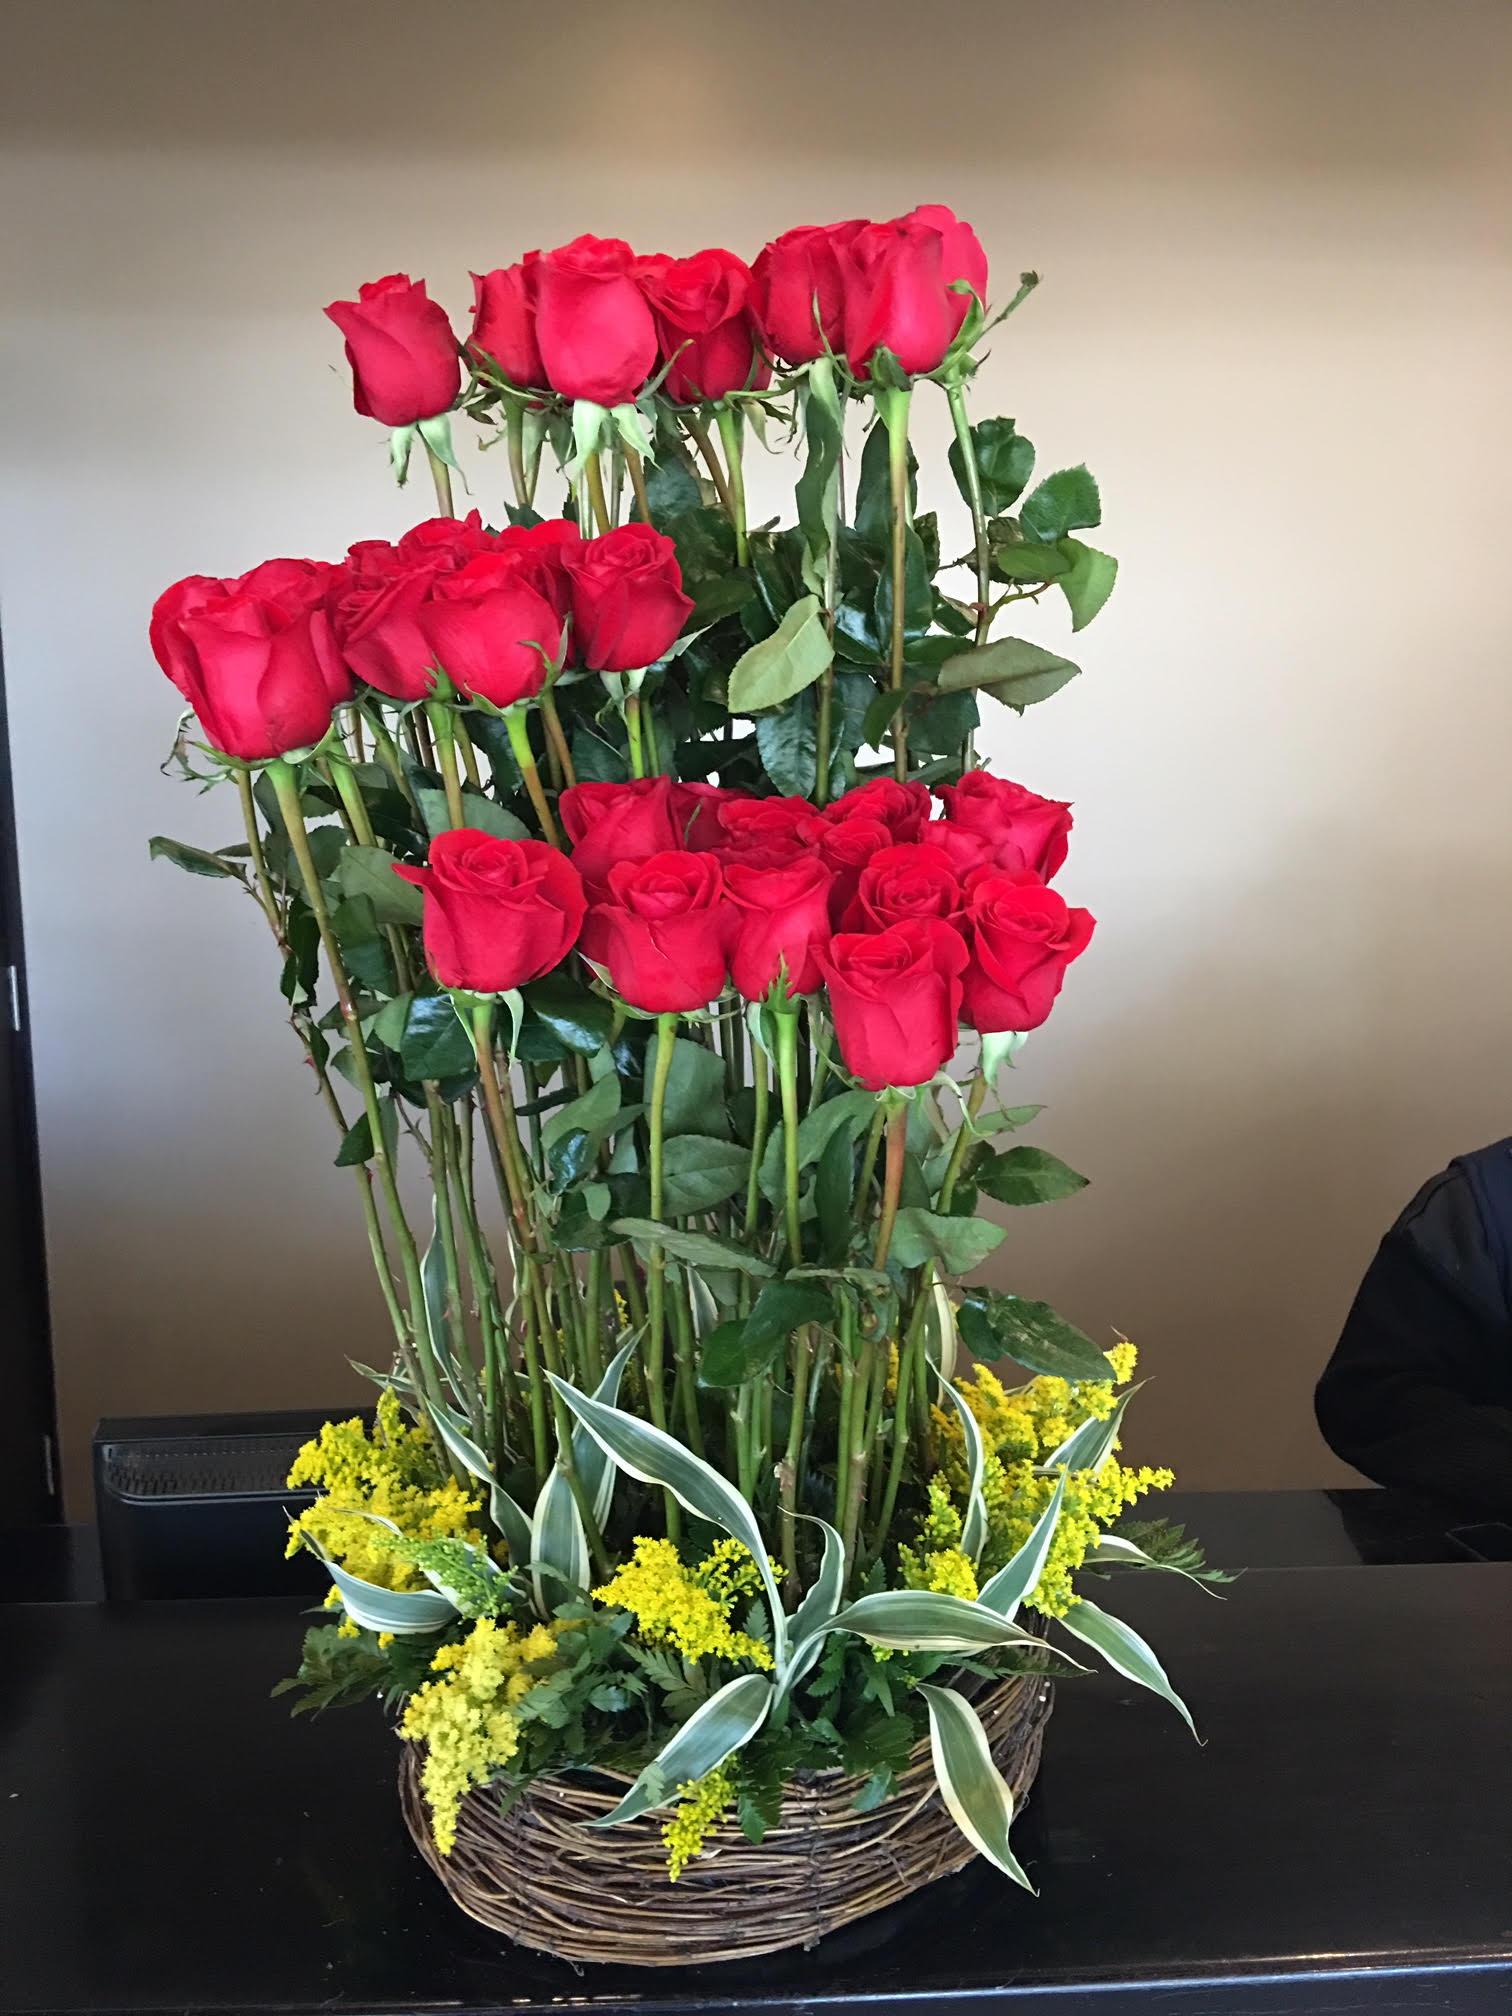 Dos Docena de rosas Image